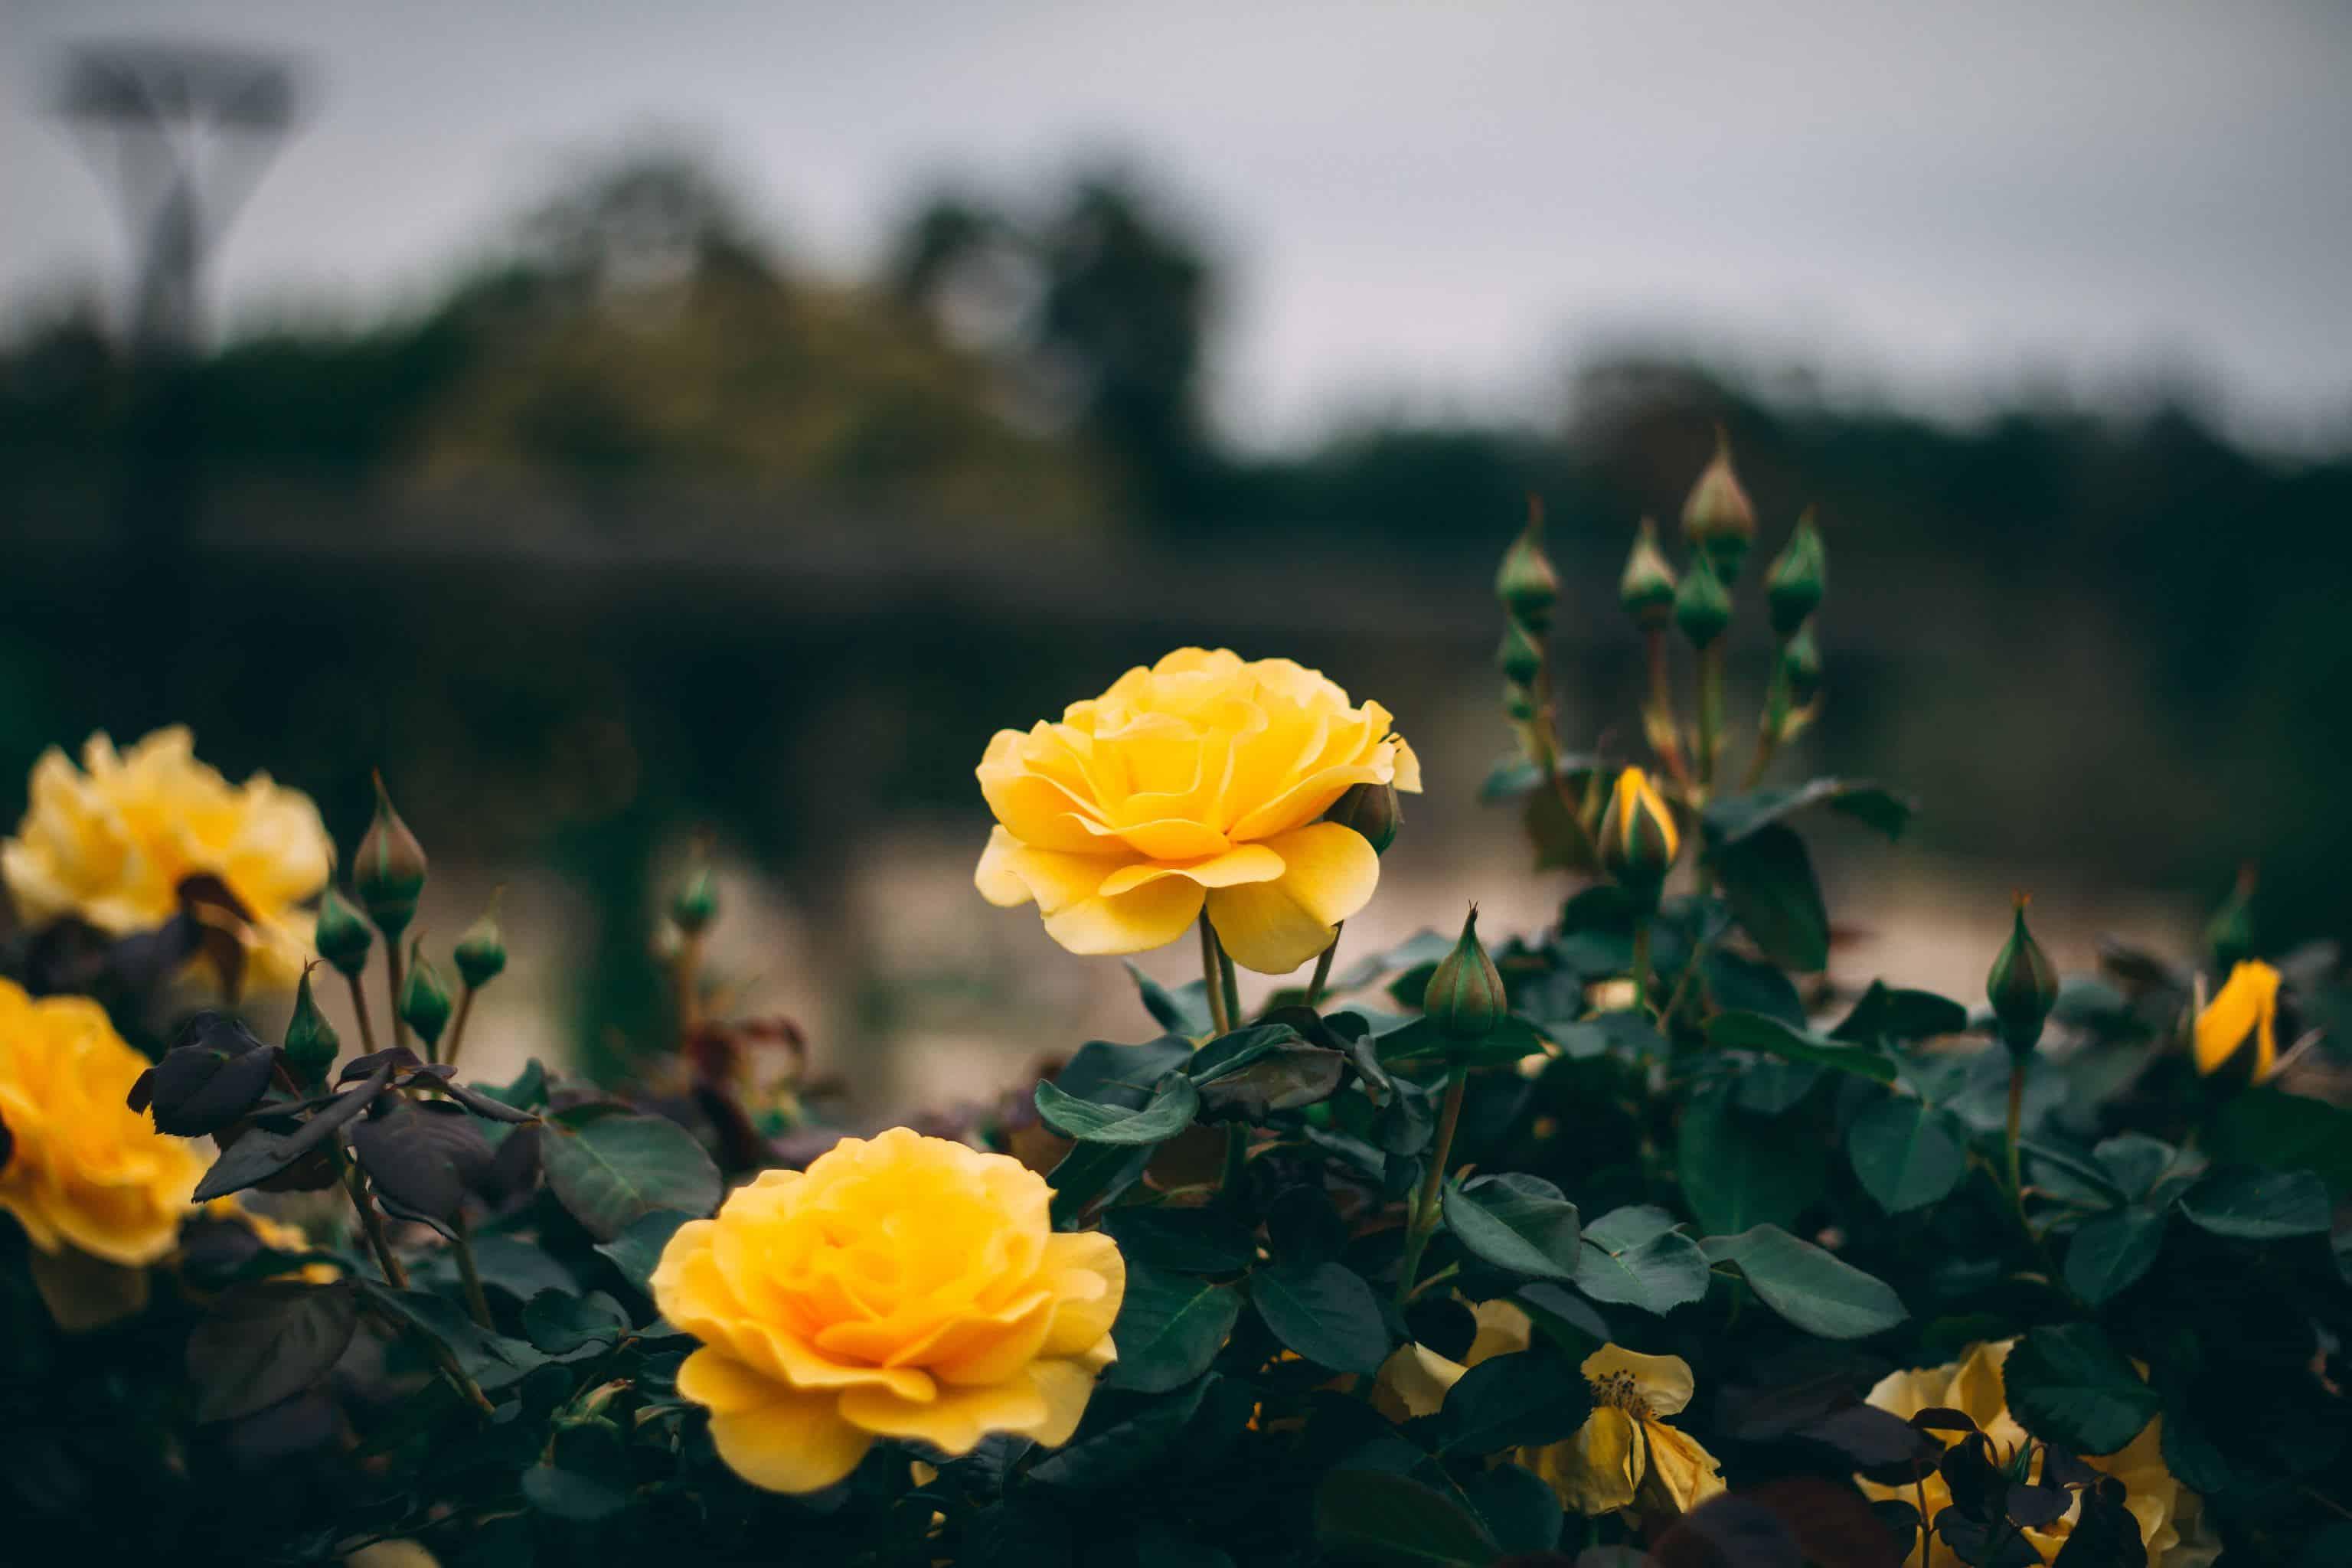 yellow roses: flower of 50 year wedding anniversary